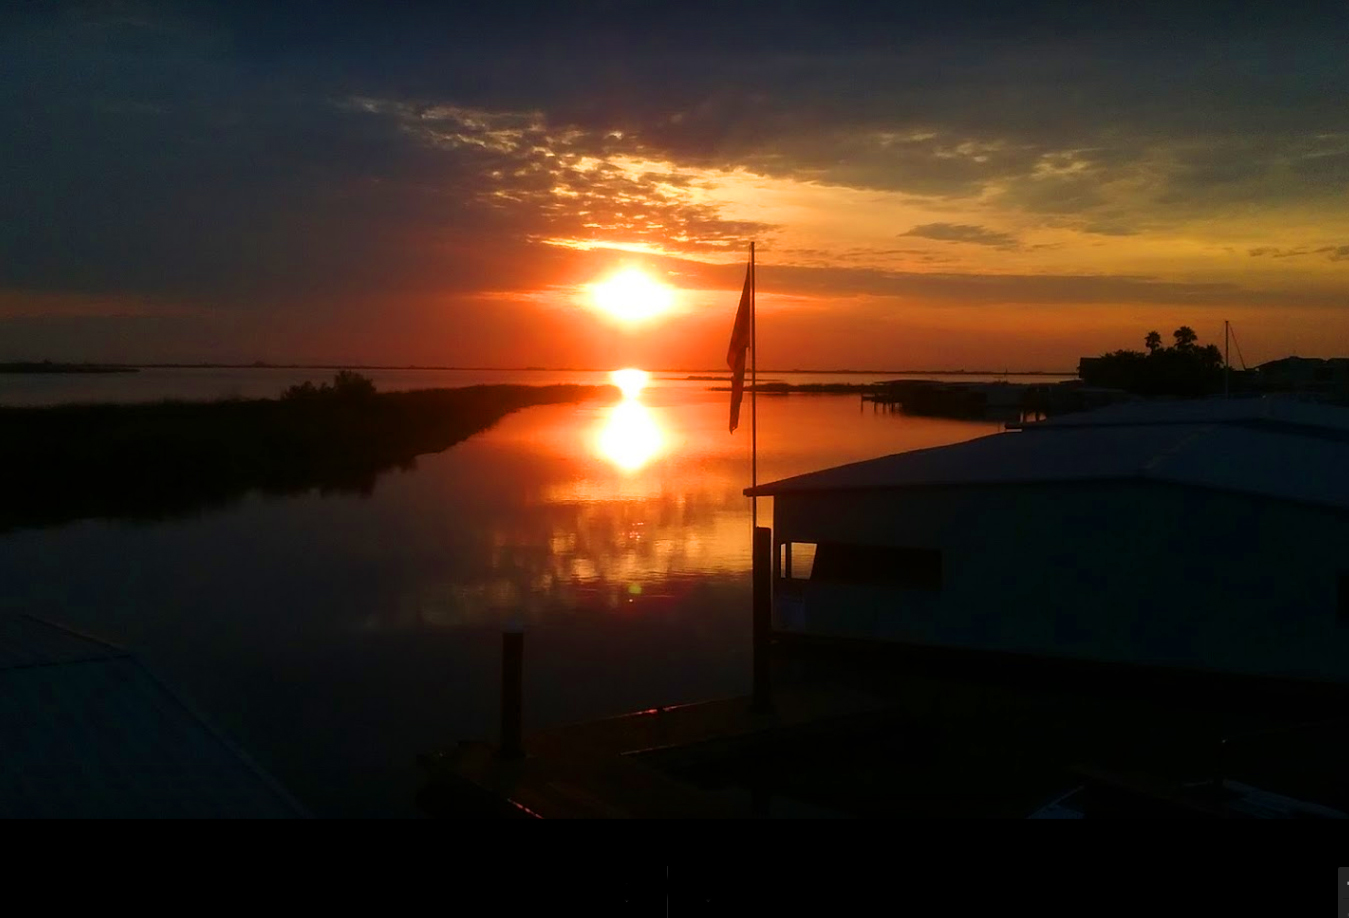 bethel-harbor-sunset-1.jpg